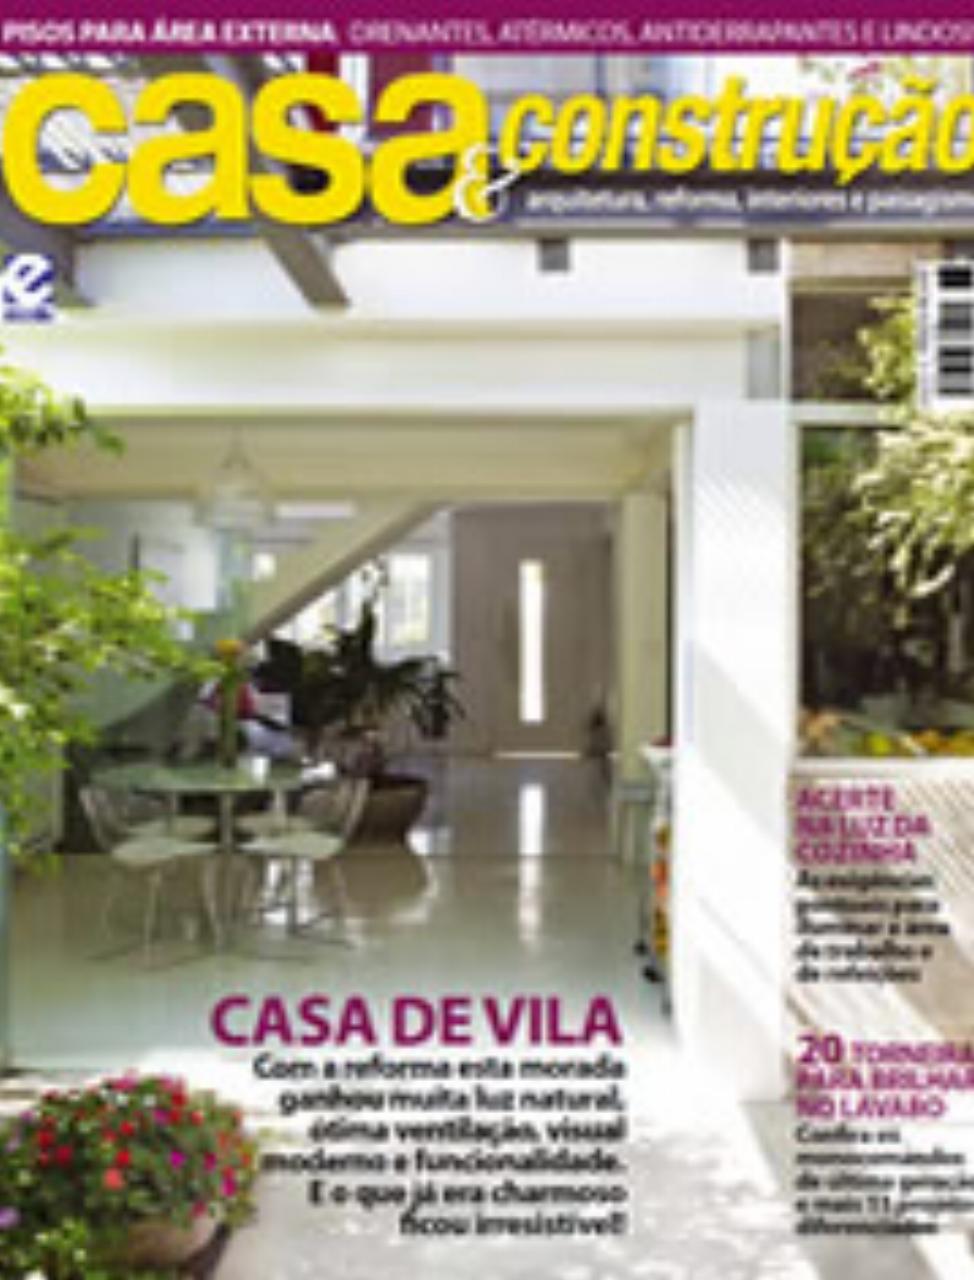 CasaConstrução_CassadeVila.jpg